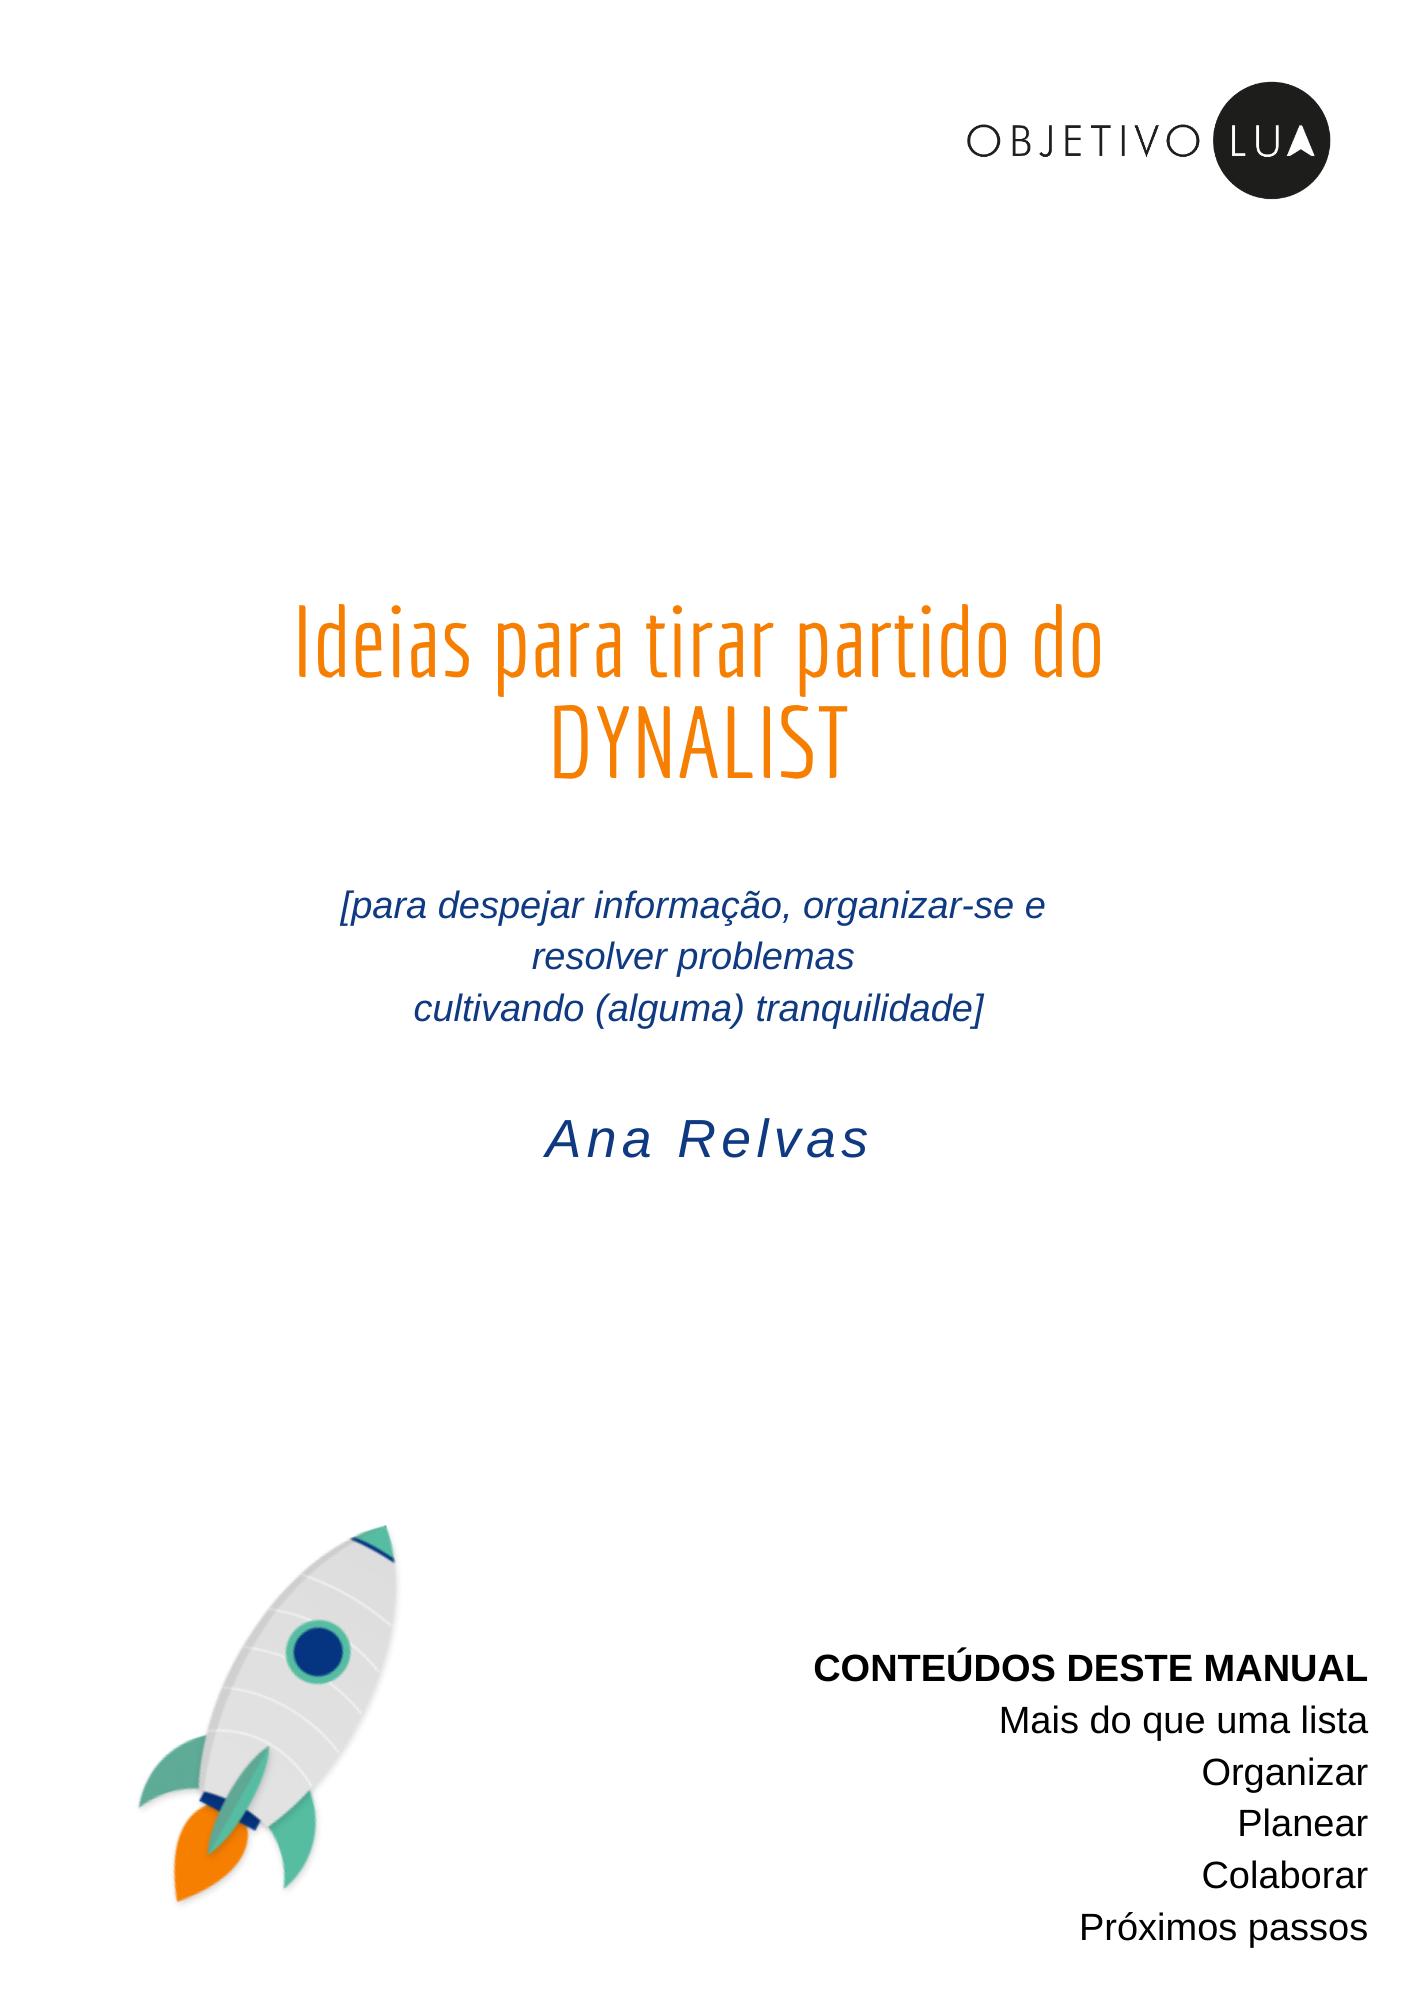 Ideias para tirar partido do Dynalist